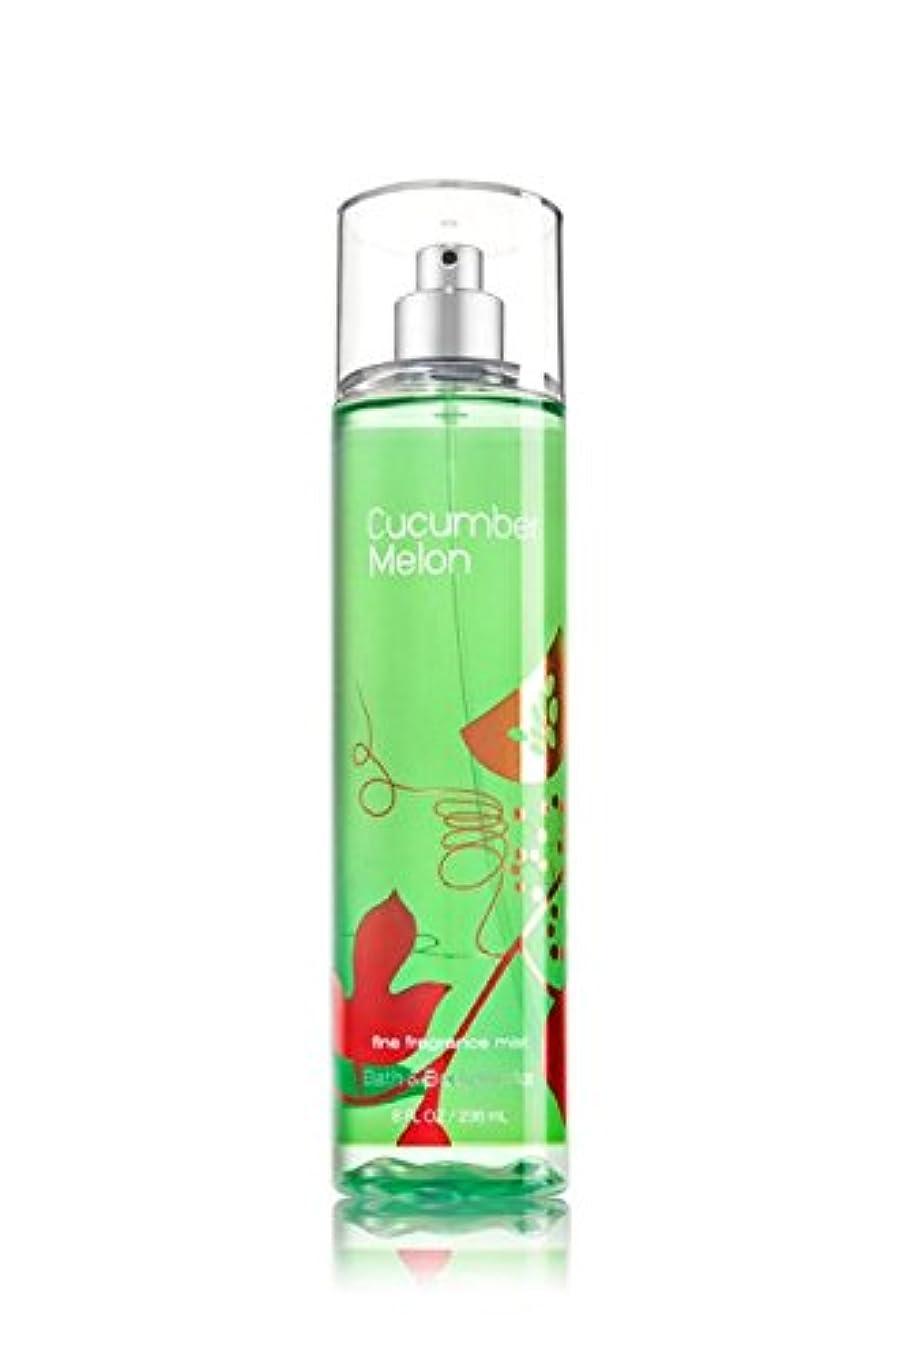 ラテン航空機柔らかい【Bath&Body Works/バス&ボディワークス】 ファインフレグランスミスト キューカンバーメロン Fine Fragrance Mist Cucumber Melon 8oz (236ml) [並行輸入品]